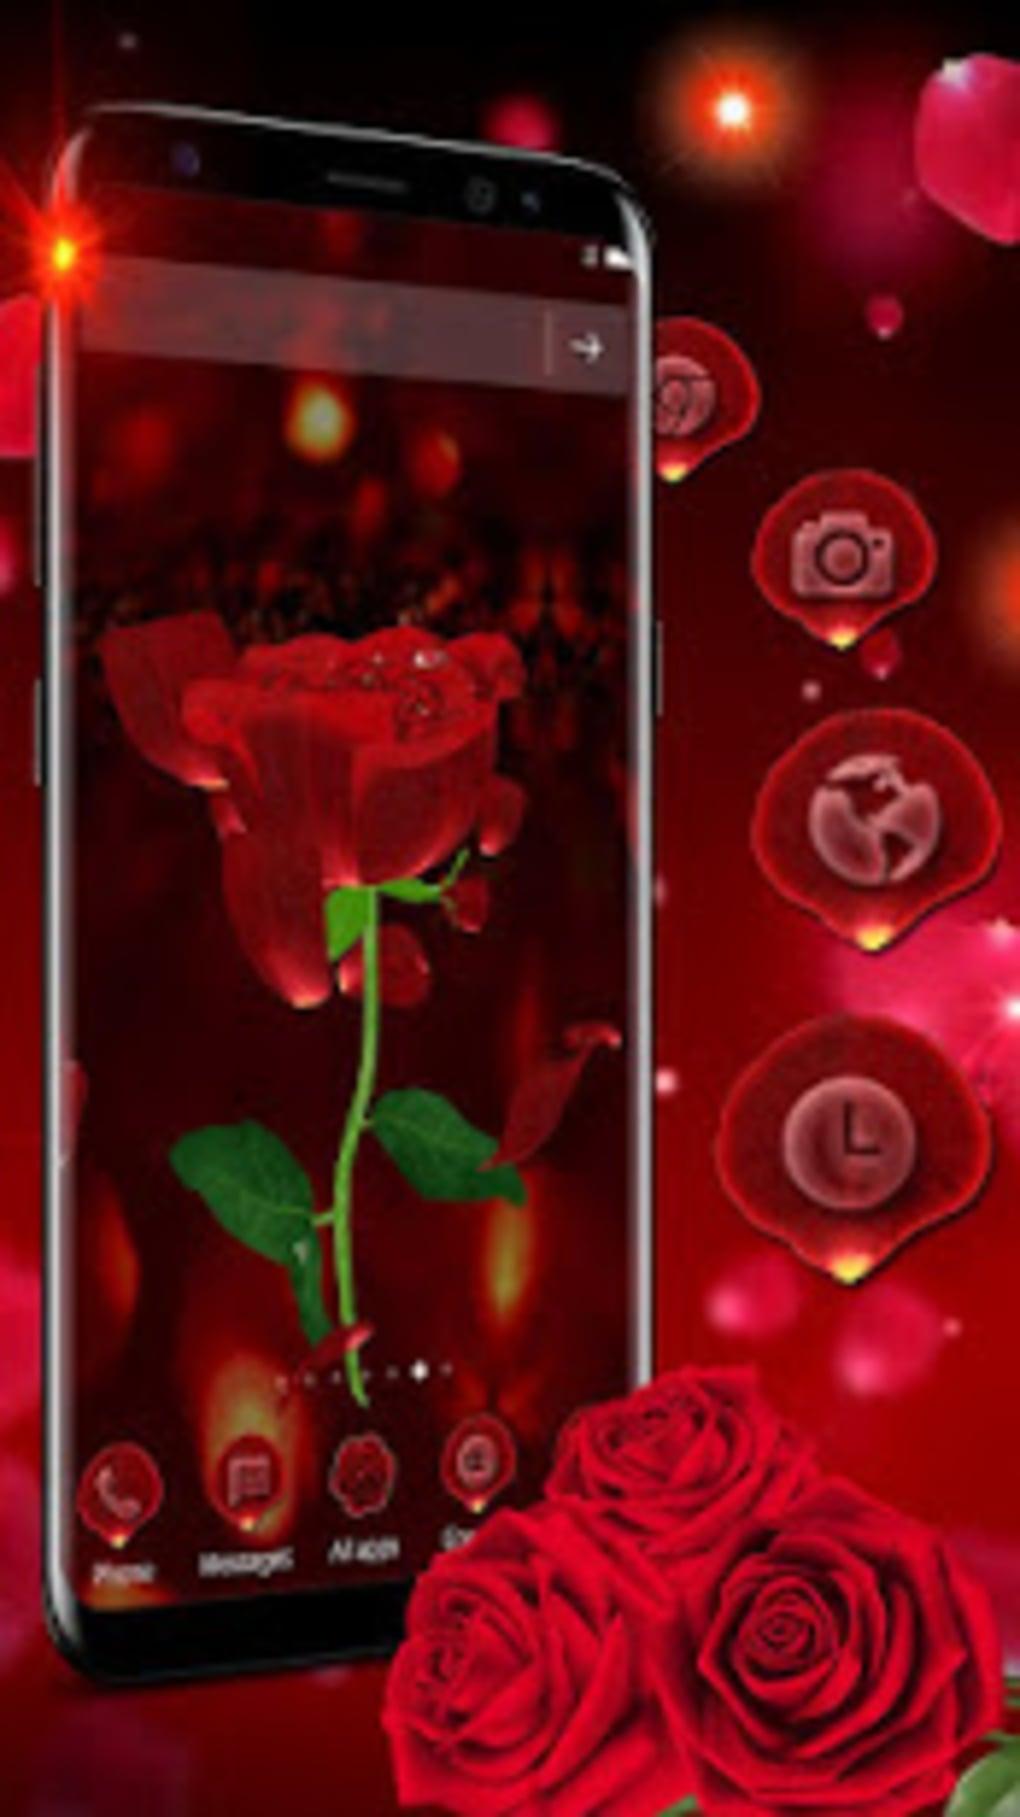 3D Rose Launcher